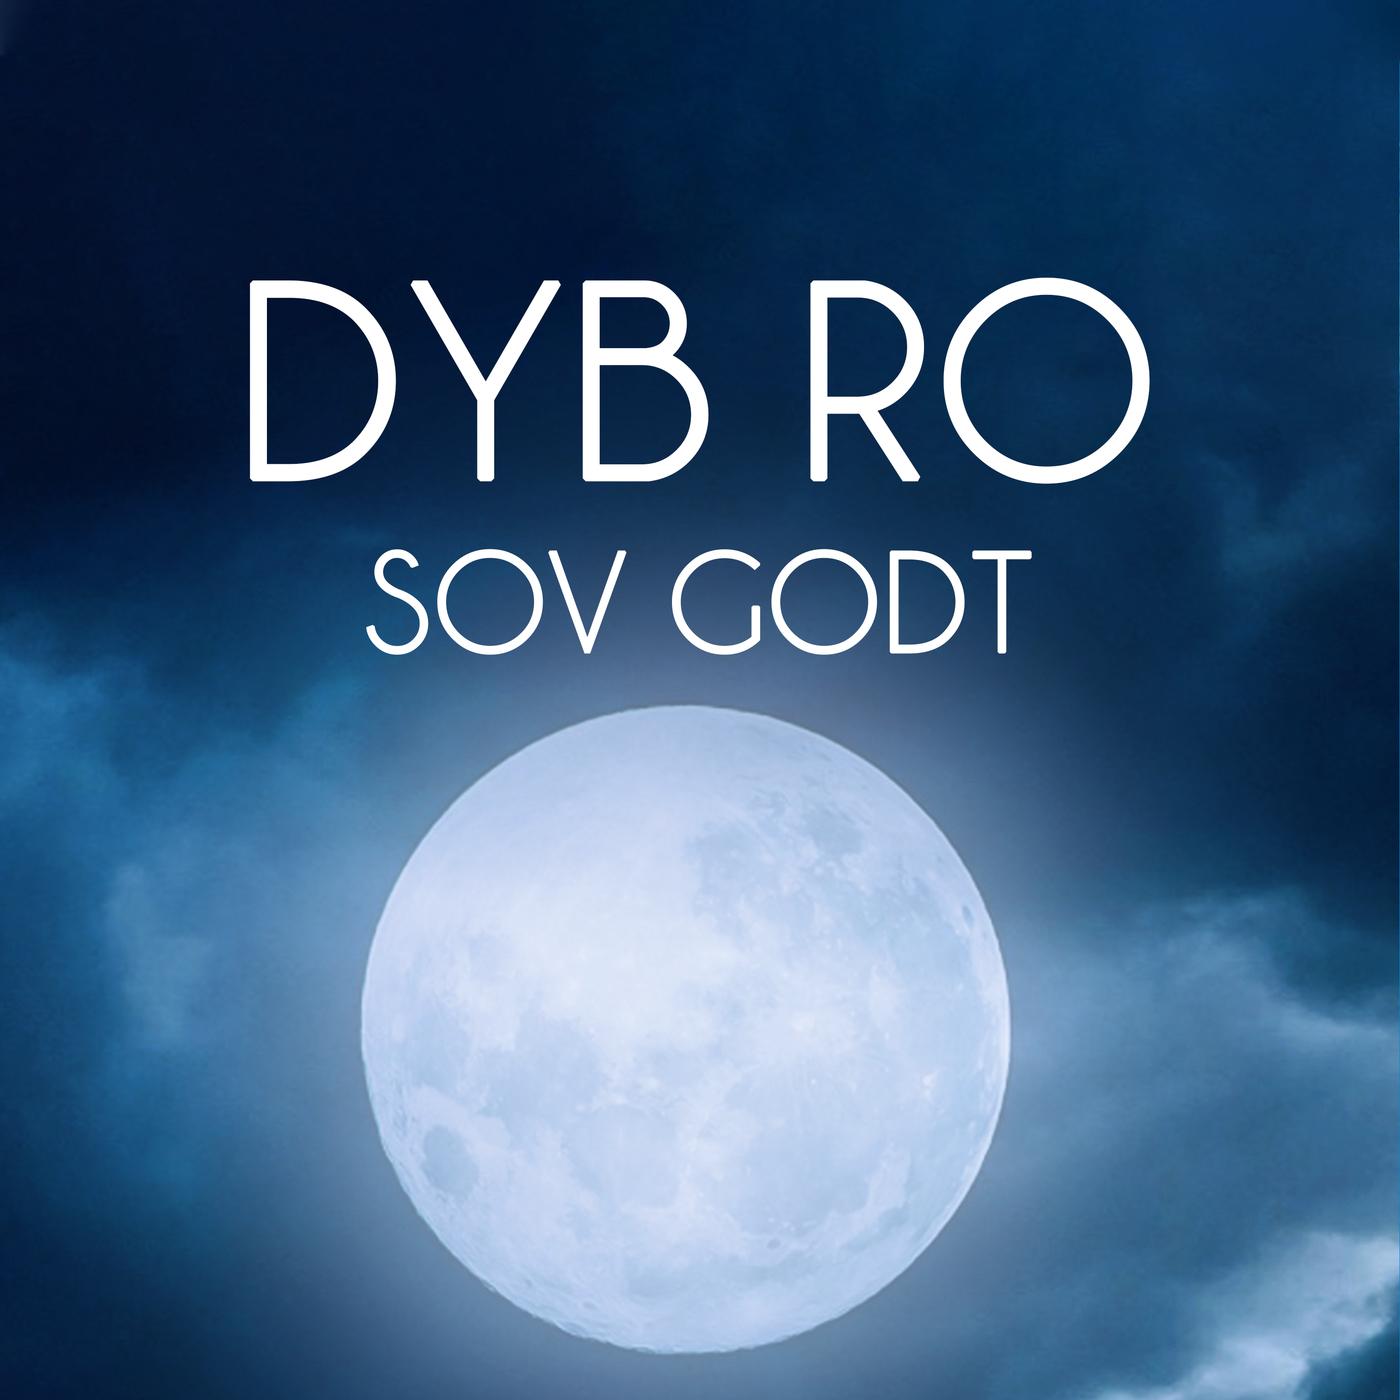 Sov Godt - Dyb Ro